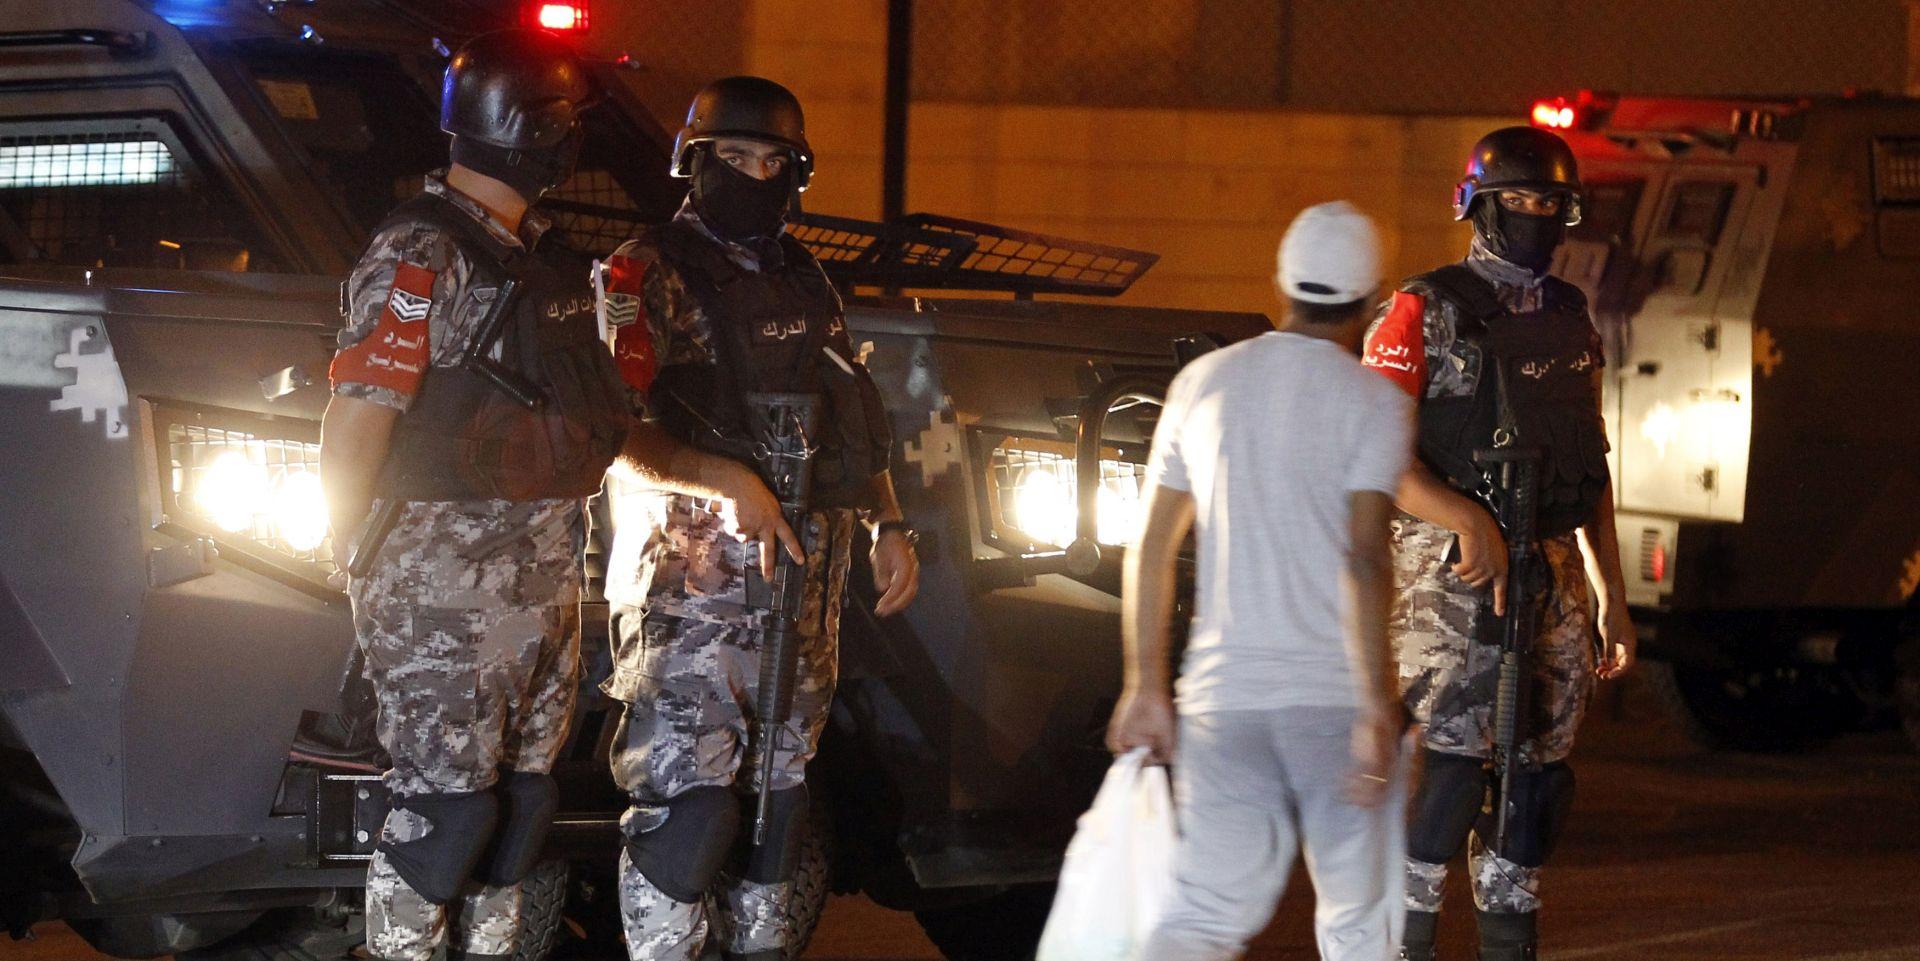 Napad u izraelskom veleposlanstvu u Jordanu, jedna osoba poginula